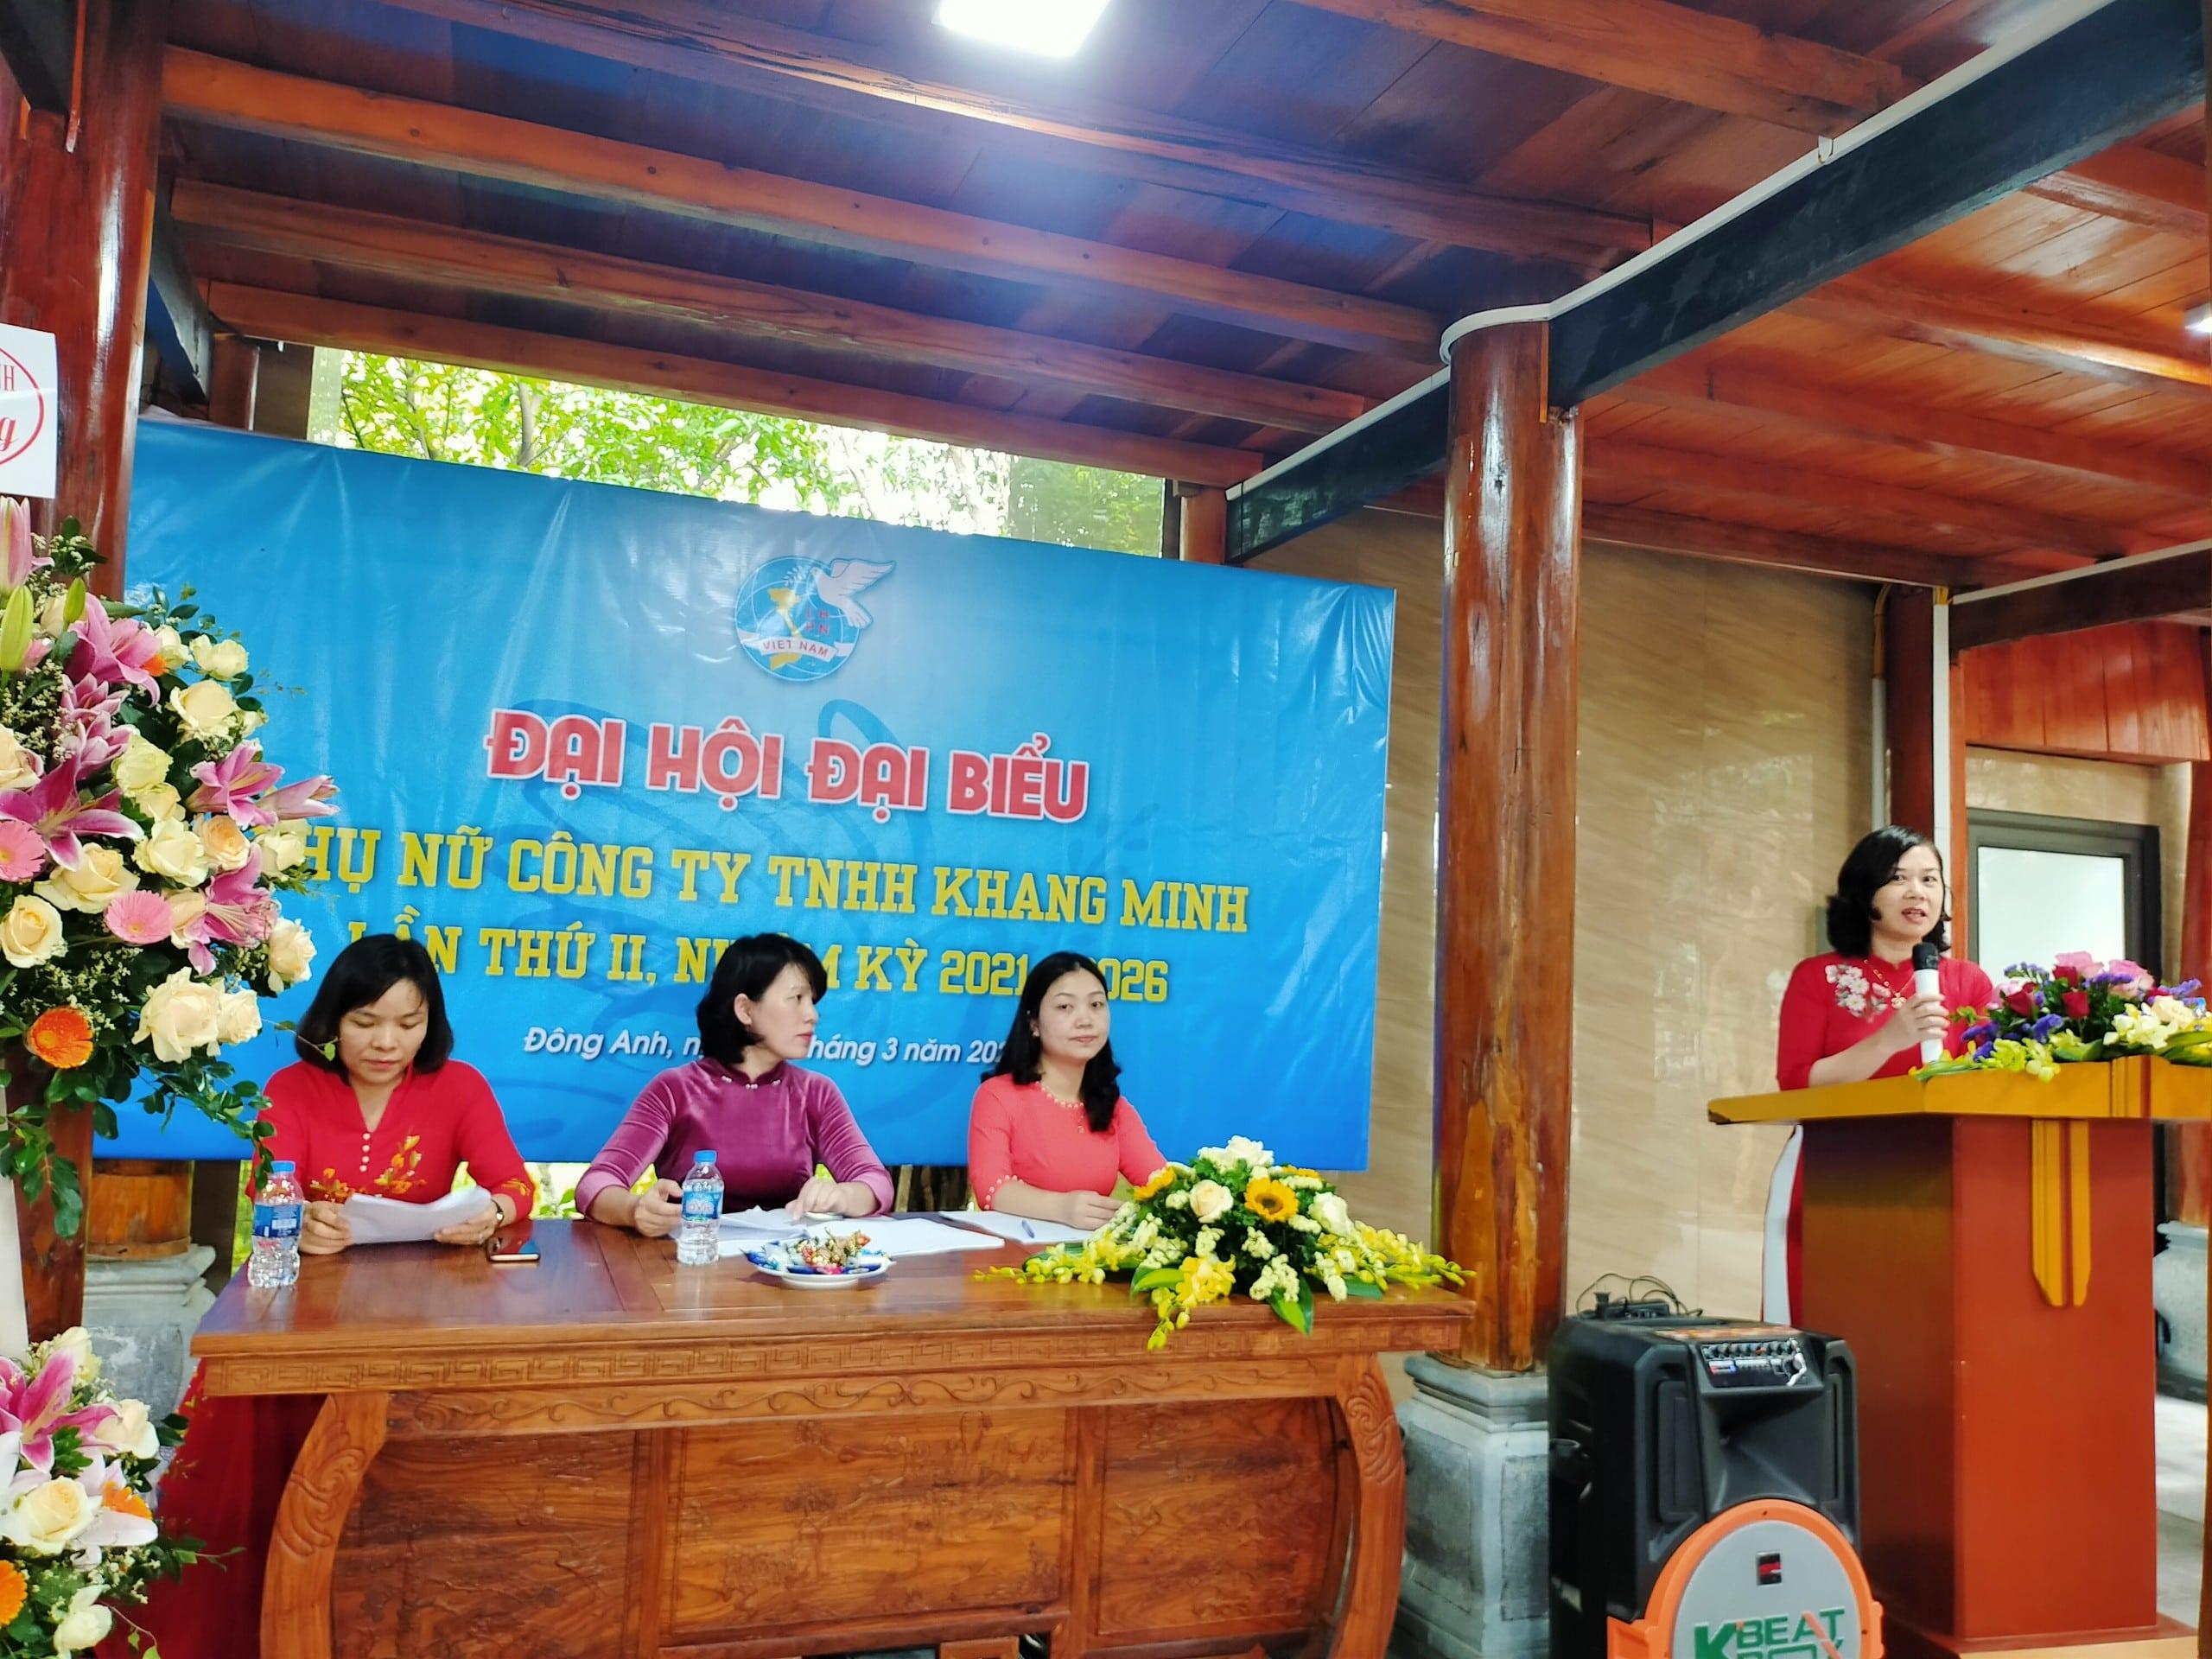 Đồng chí Ngô Thị Thúy Hằng – Phó chủ tịch Hội LHPN huyện Đông Anh cho ý kiến